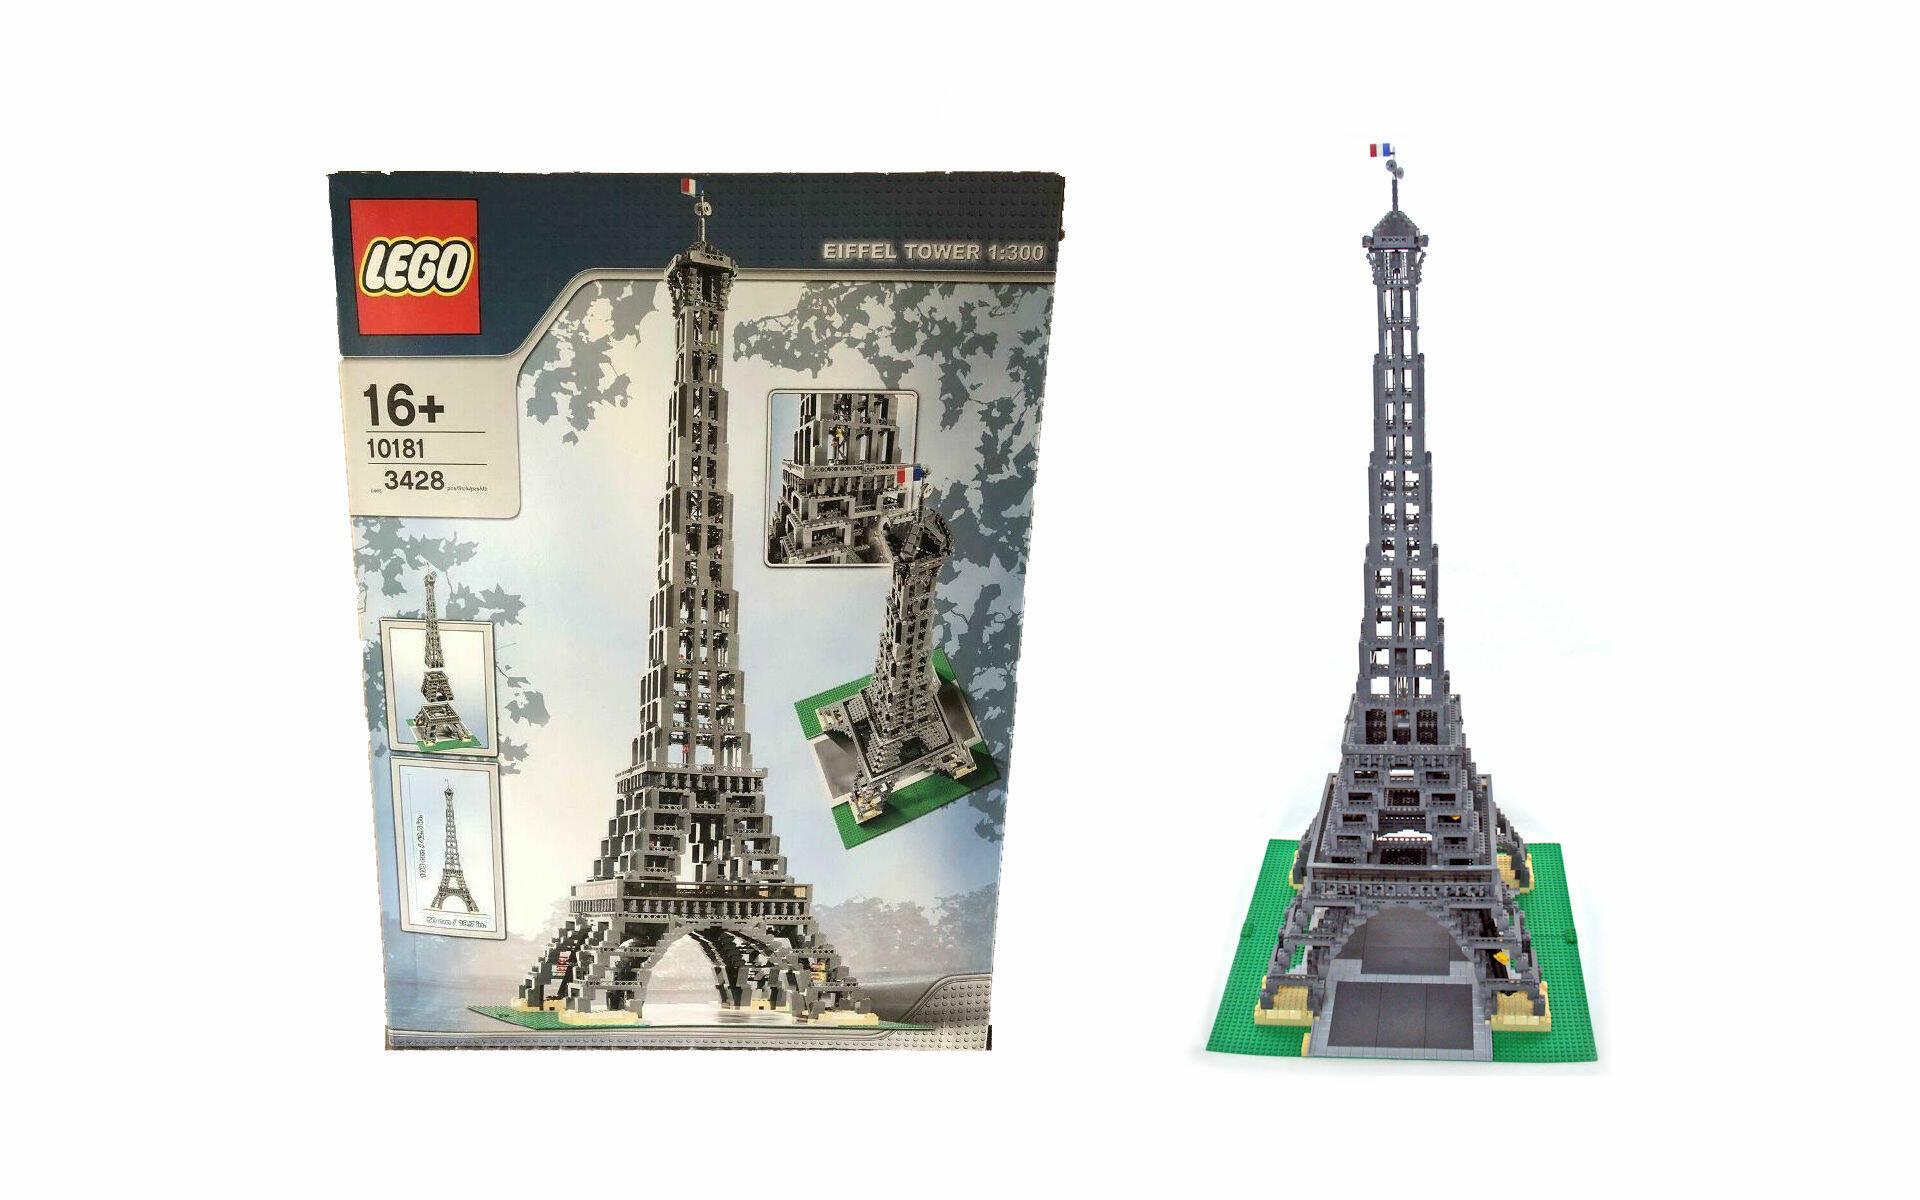 LEGO 18 PLUS 10276 COLOSSEO